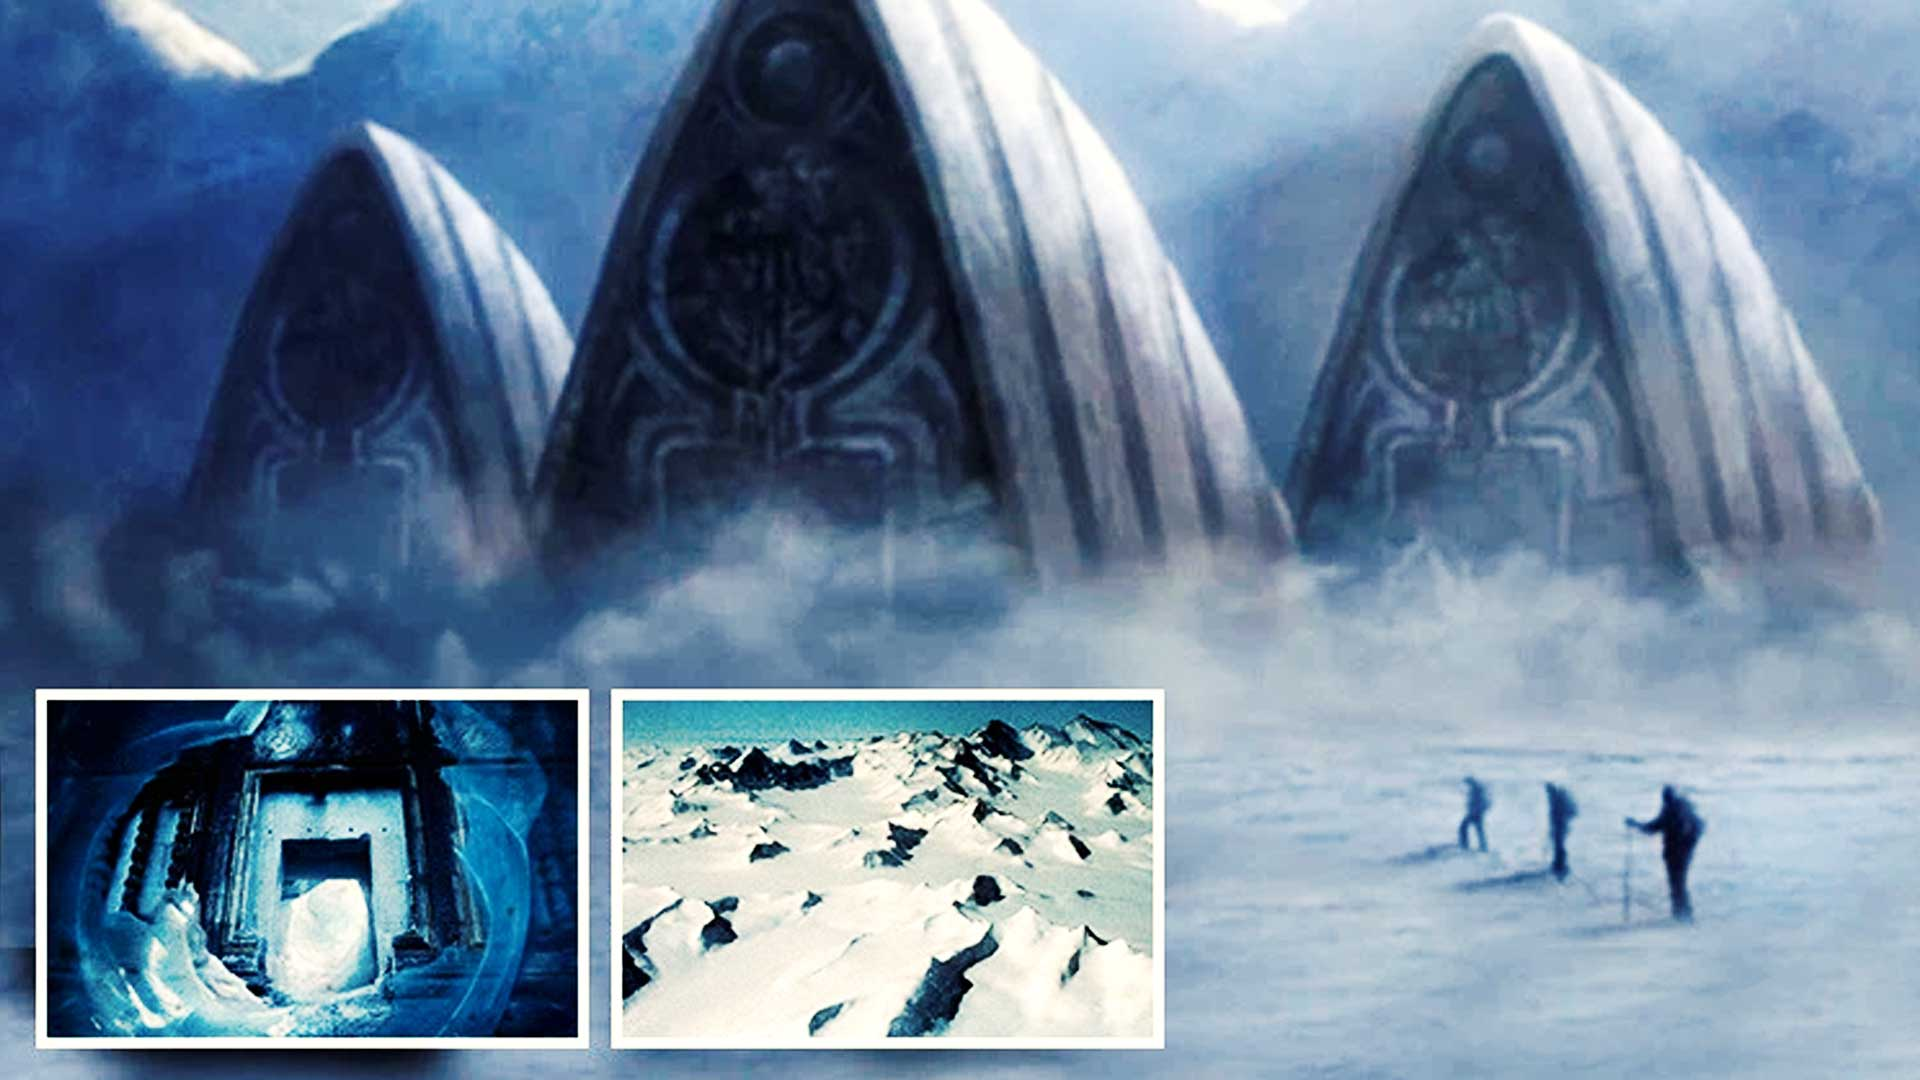 La misteriosa estructura oculta en el hielo, los Secretos de la Antártida